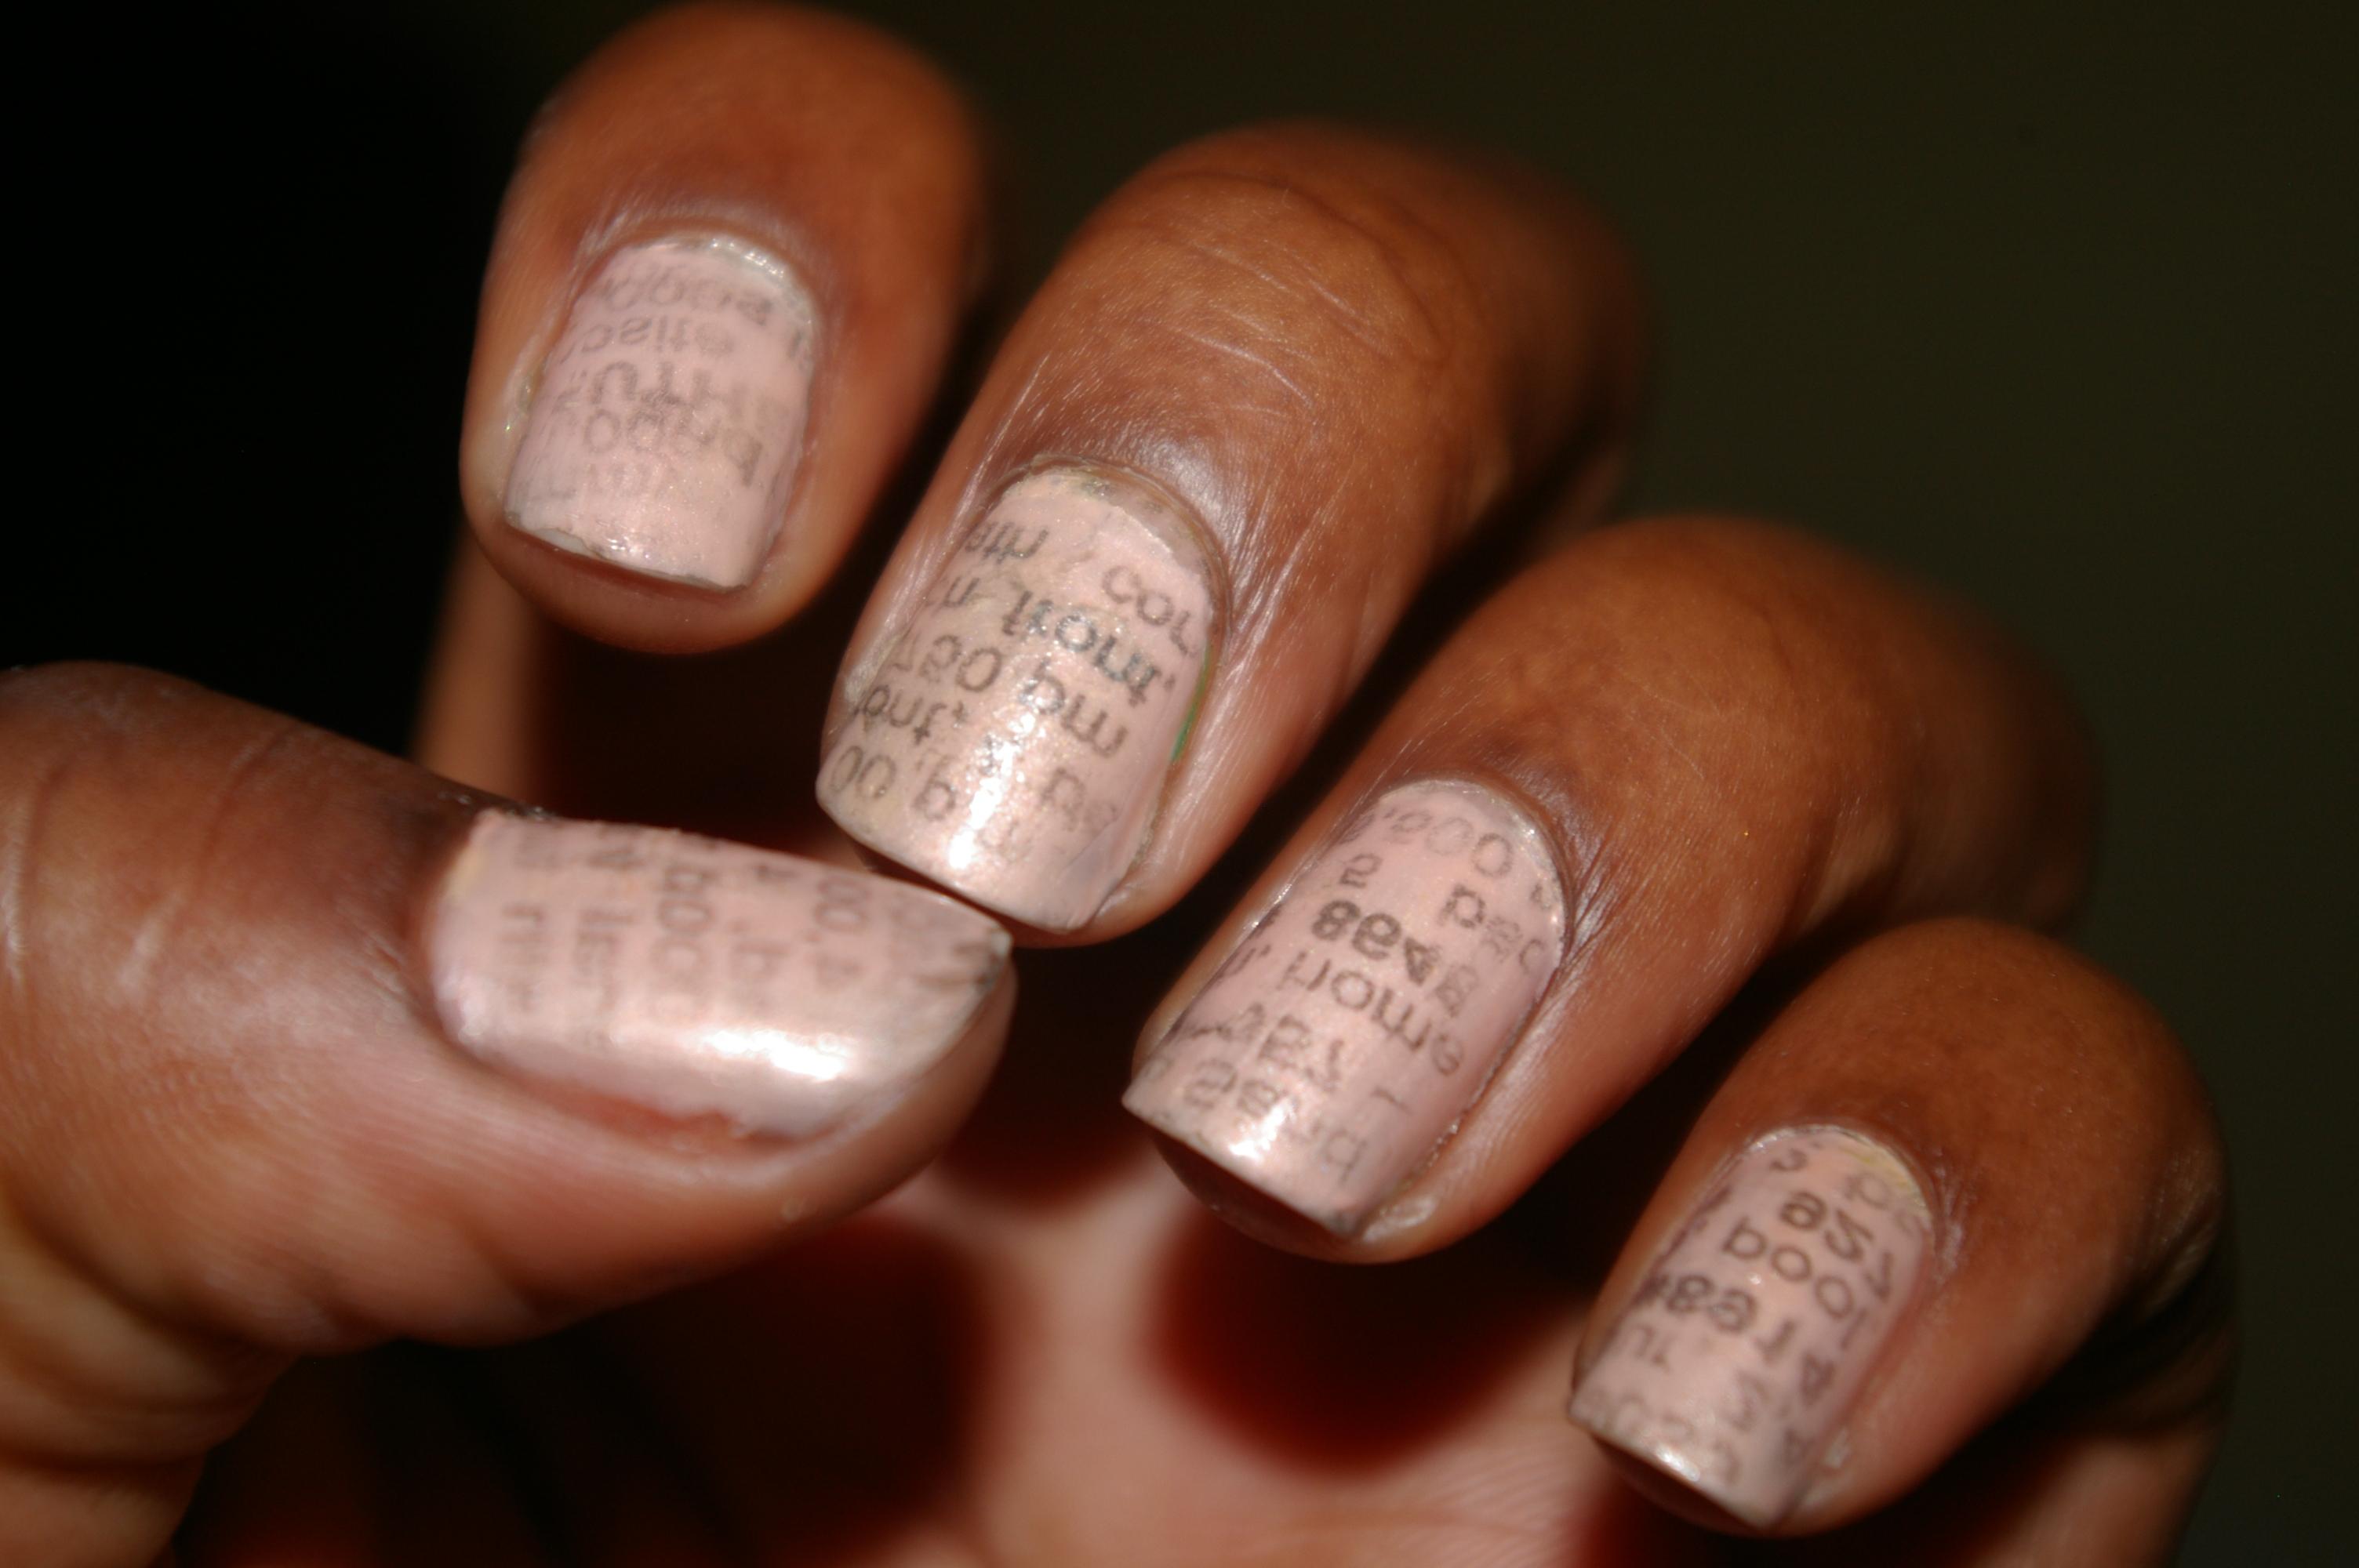 nail art – .•*´‾`*•.◊ ♥♧ §mìłeǺŵhĩļэ™♥♧.•*´‾`*•.◊